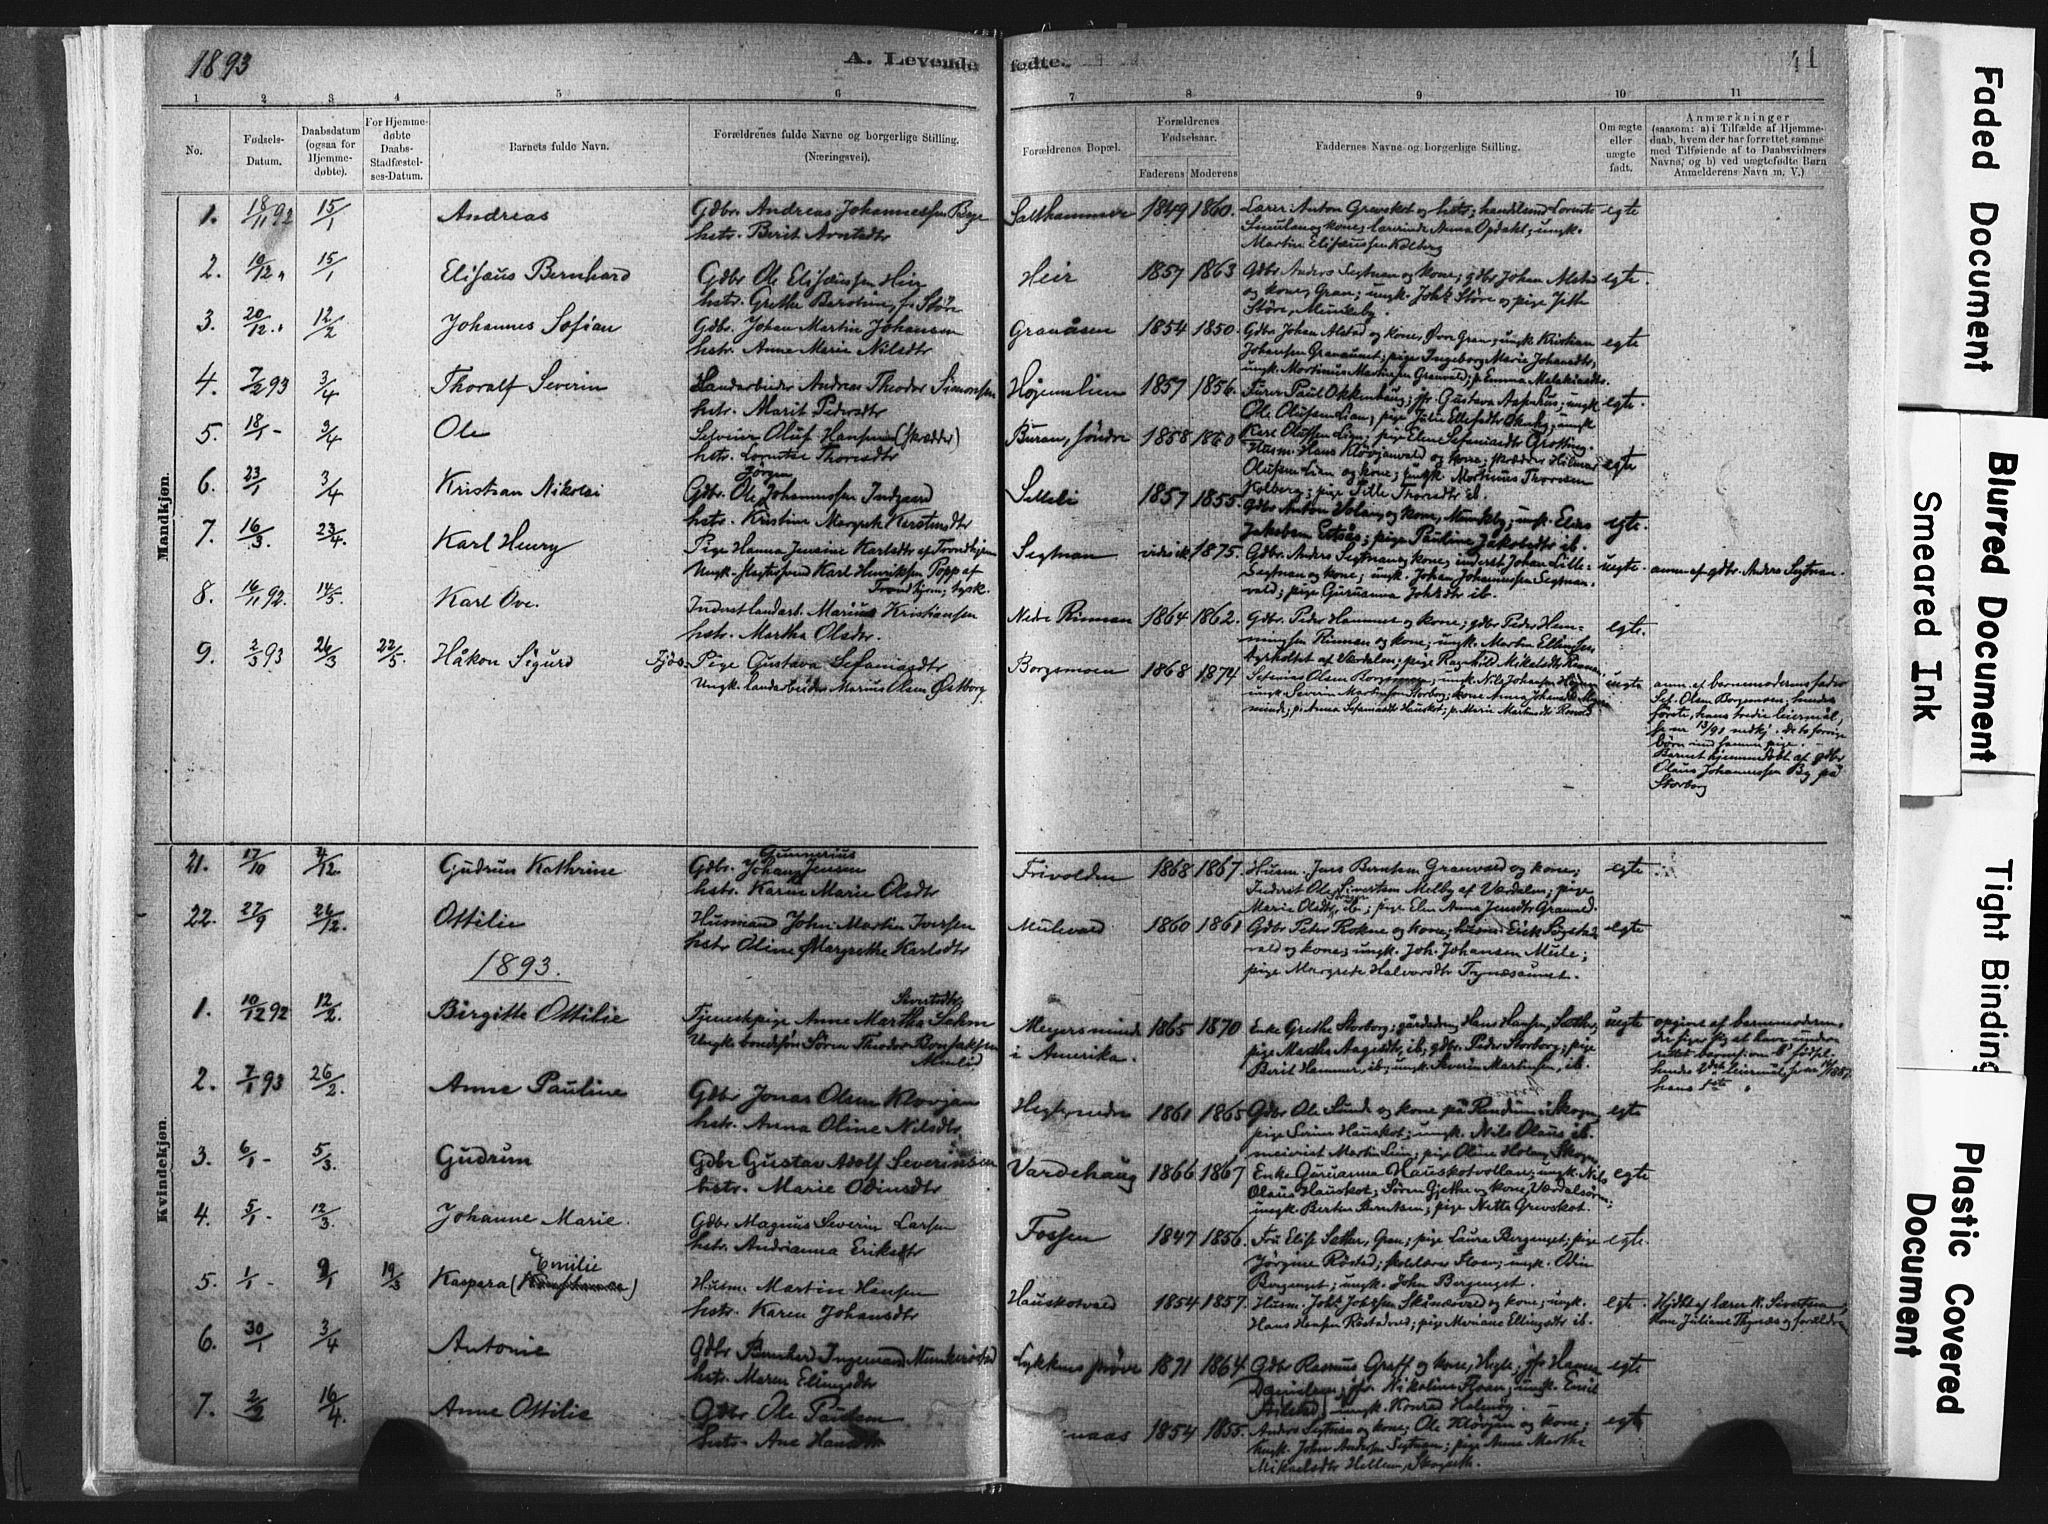 SAT, Ministerialprotokoller, klokkerbøker og fødselsregistre - Nord-Trøndelag, 721/L0207: Ministerialbok nr. 721A02, 1880-1911, s. 41